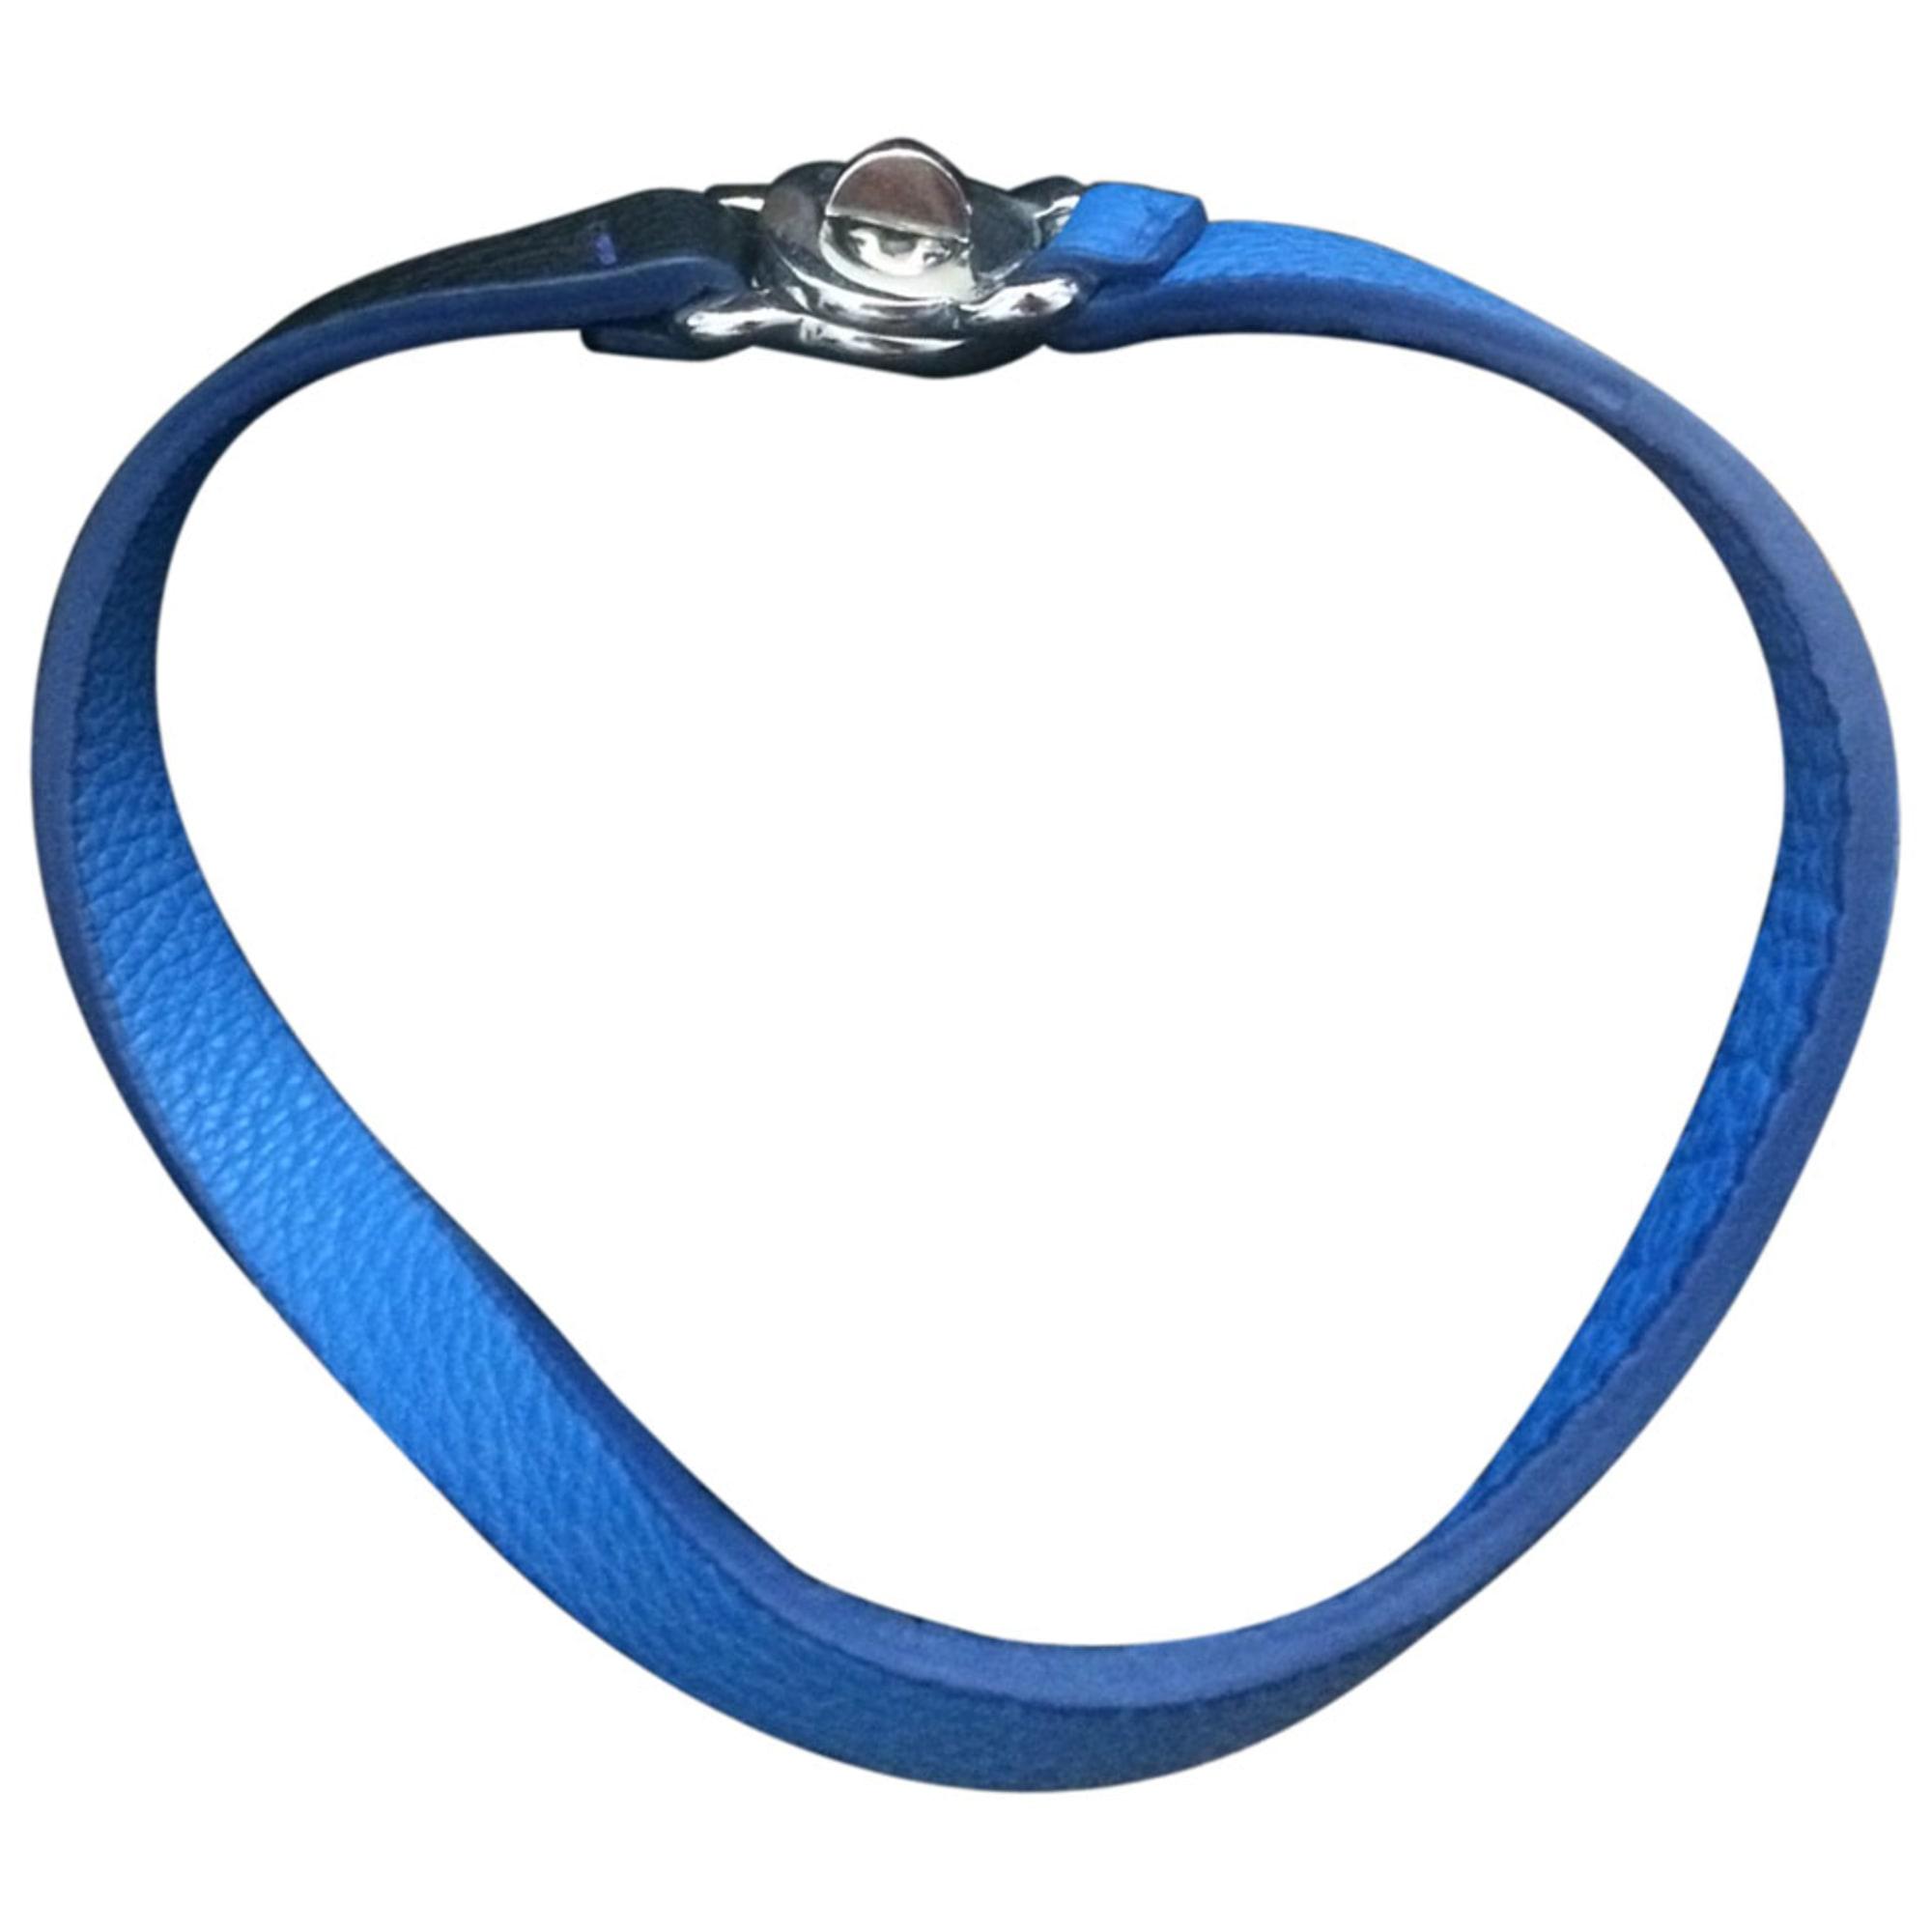 Bracelet MARC JACOBS Bleu, bleu marine, bleu turquoise